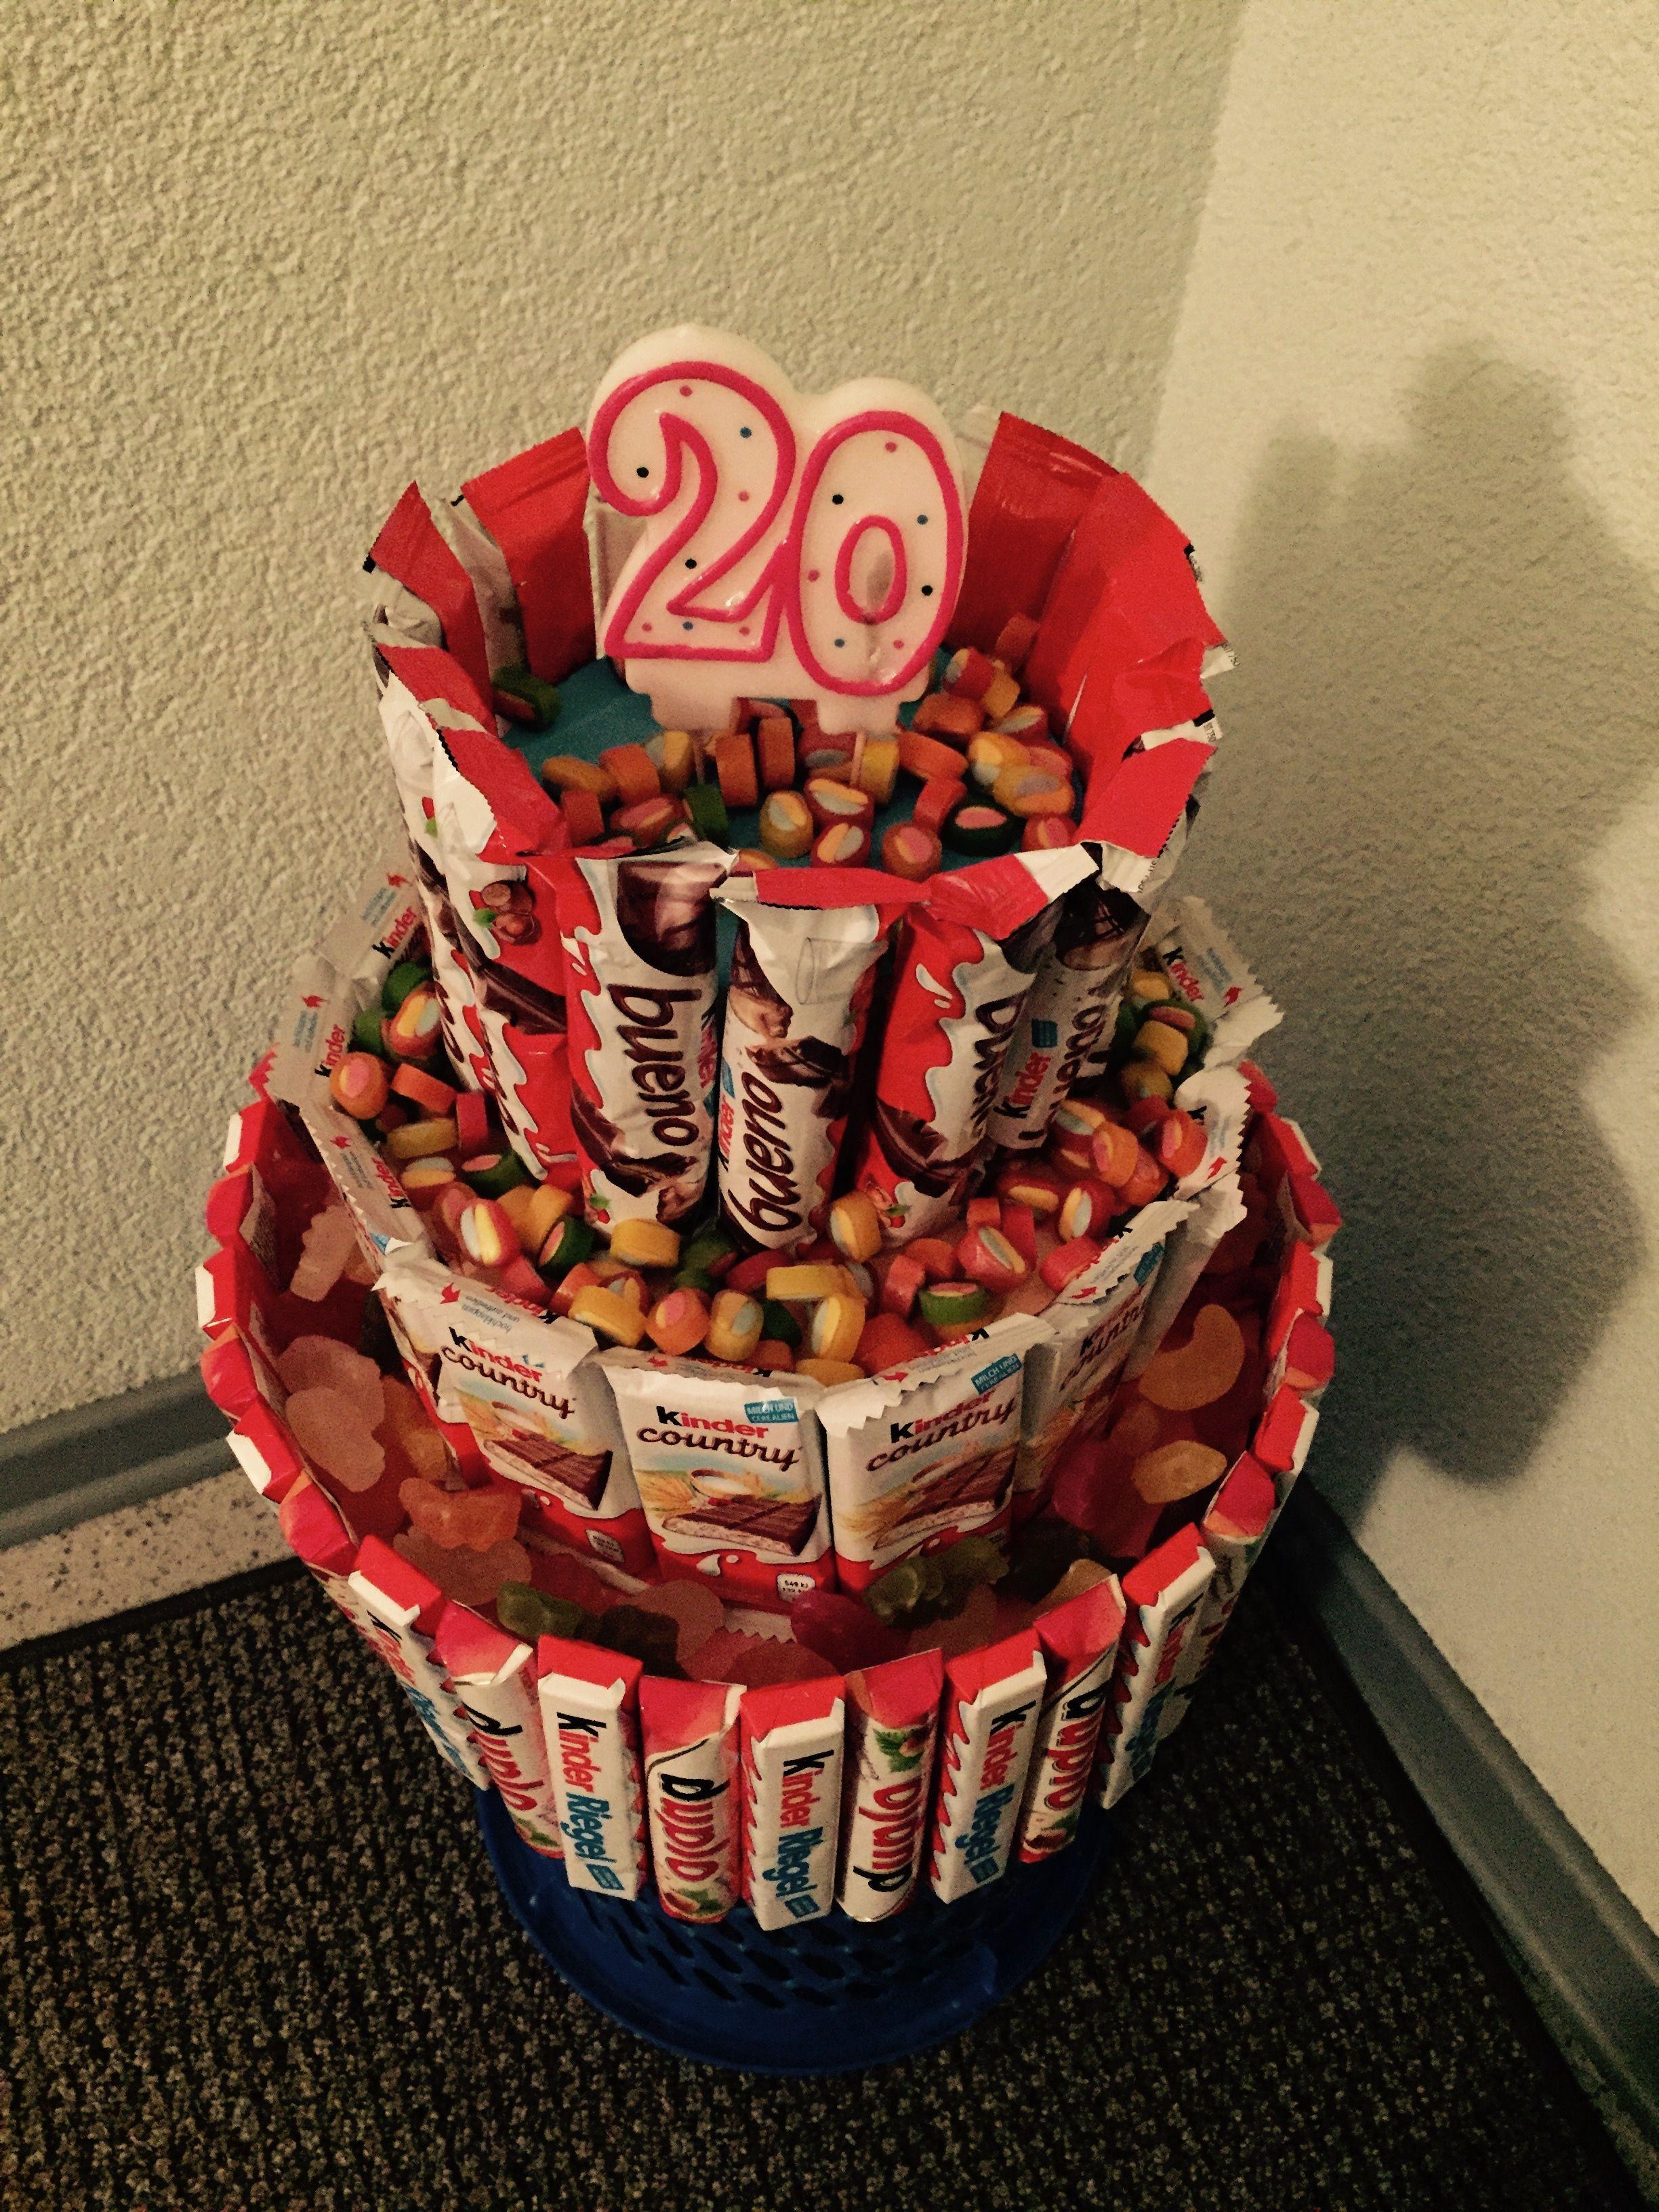 Beste 20 Geburtstag Geschenke Ideen #geschenkideen